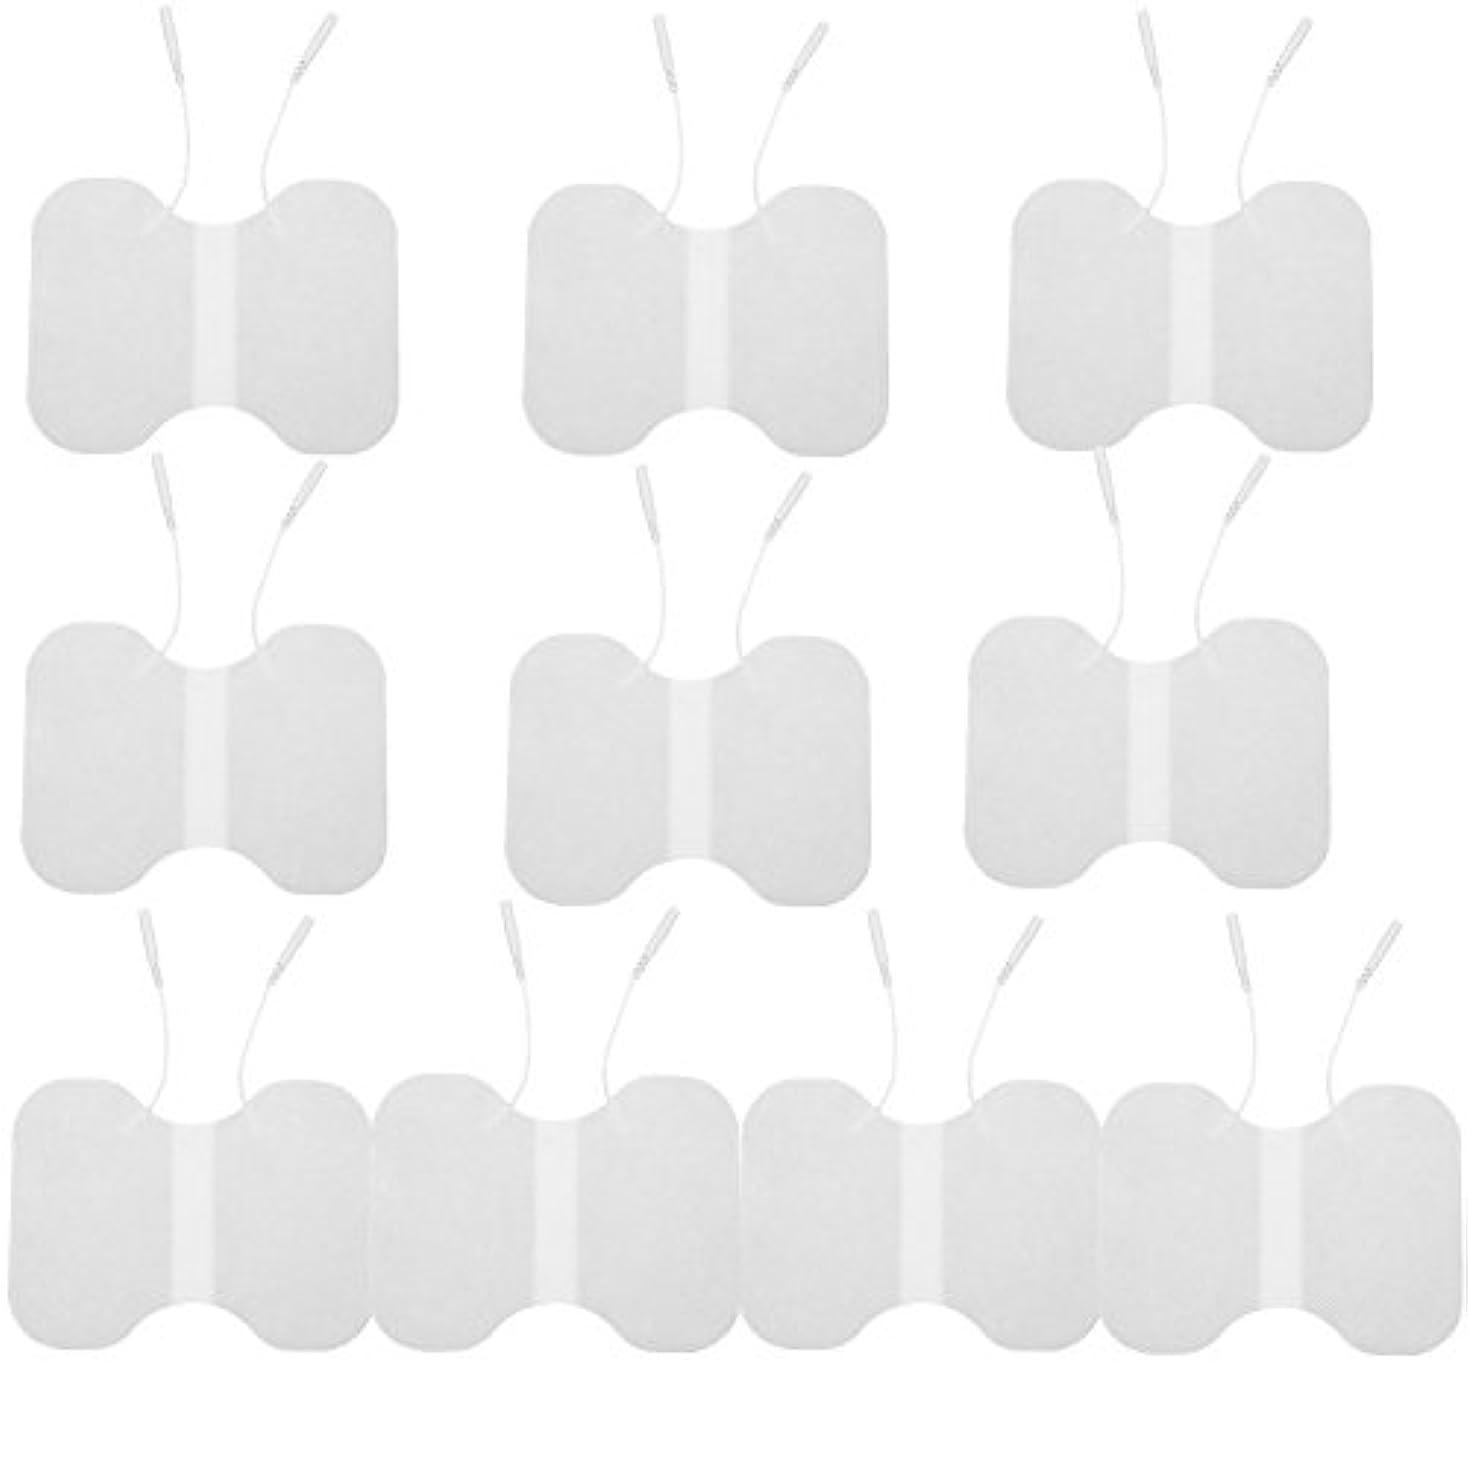 共役落胆させるドレイン電極パッド、1Pc再利用可能な自己接着性電極パッチが体内の循環を改善し代謝を促進する効果